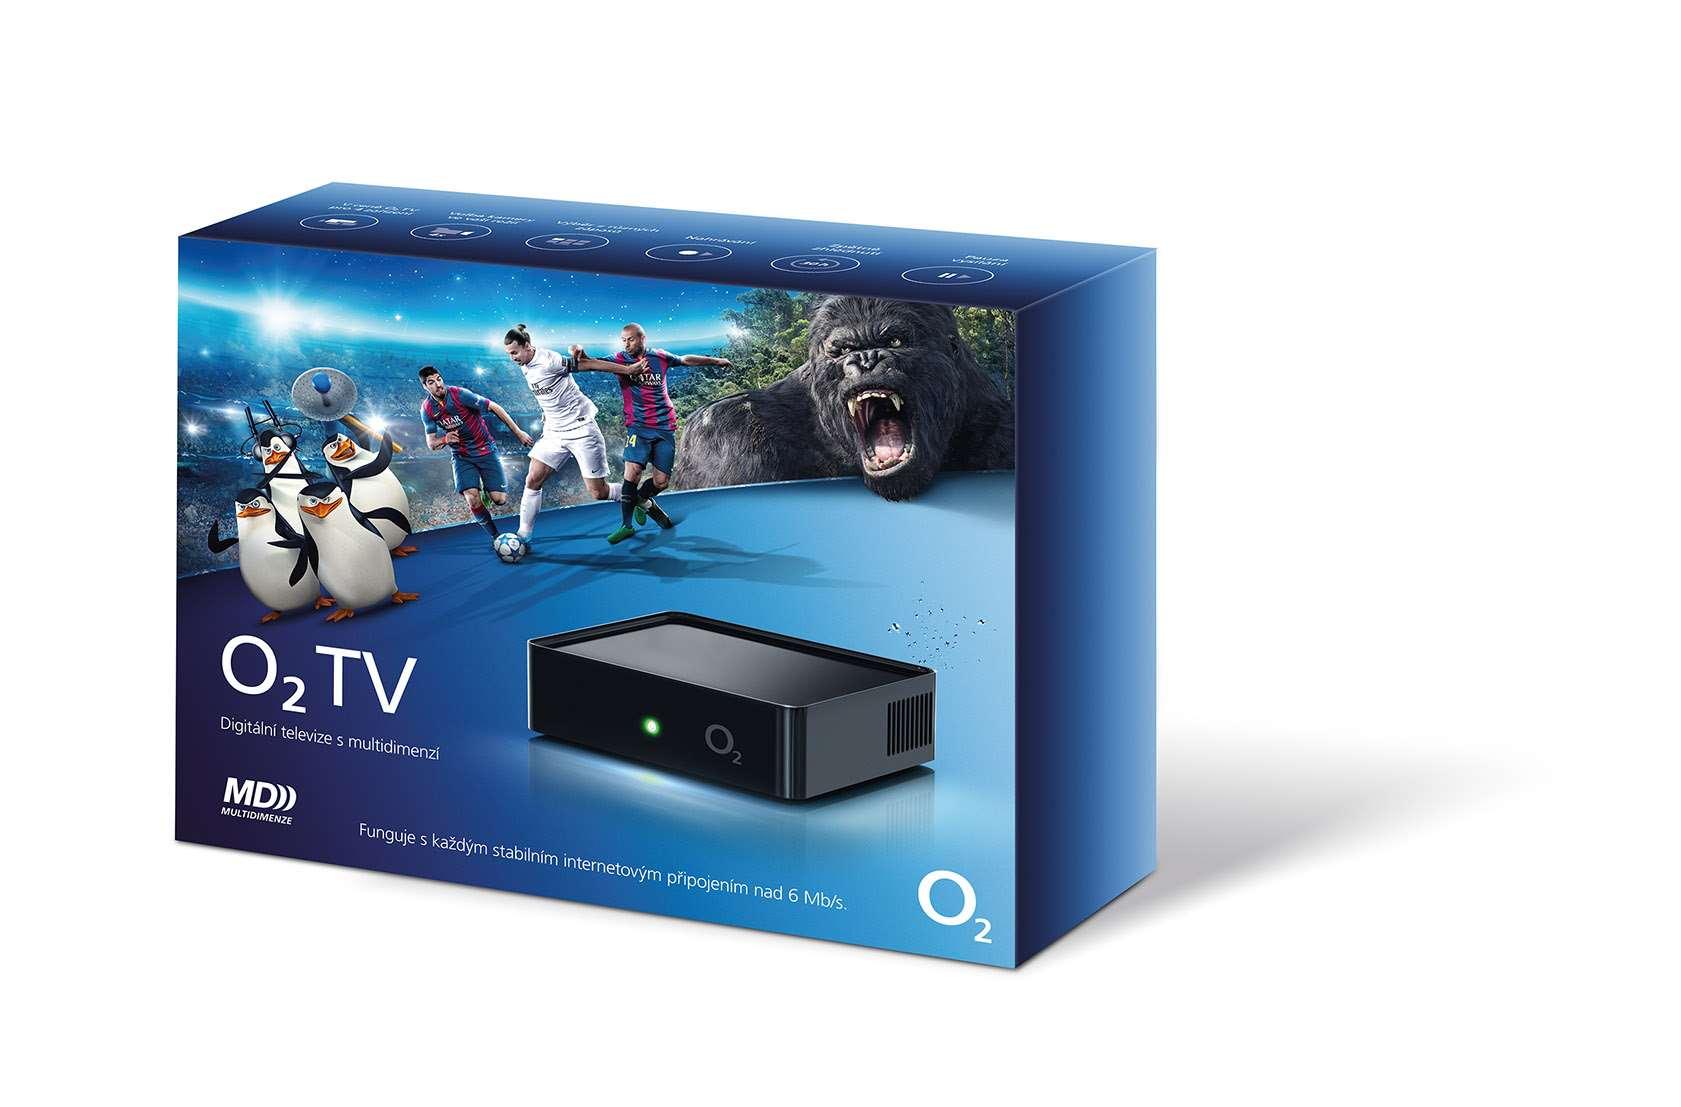 cfa1887c4 O2 TV poběží i přes Wi-Fi. Dostane se do každé domácnosti – Živě.cz